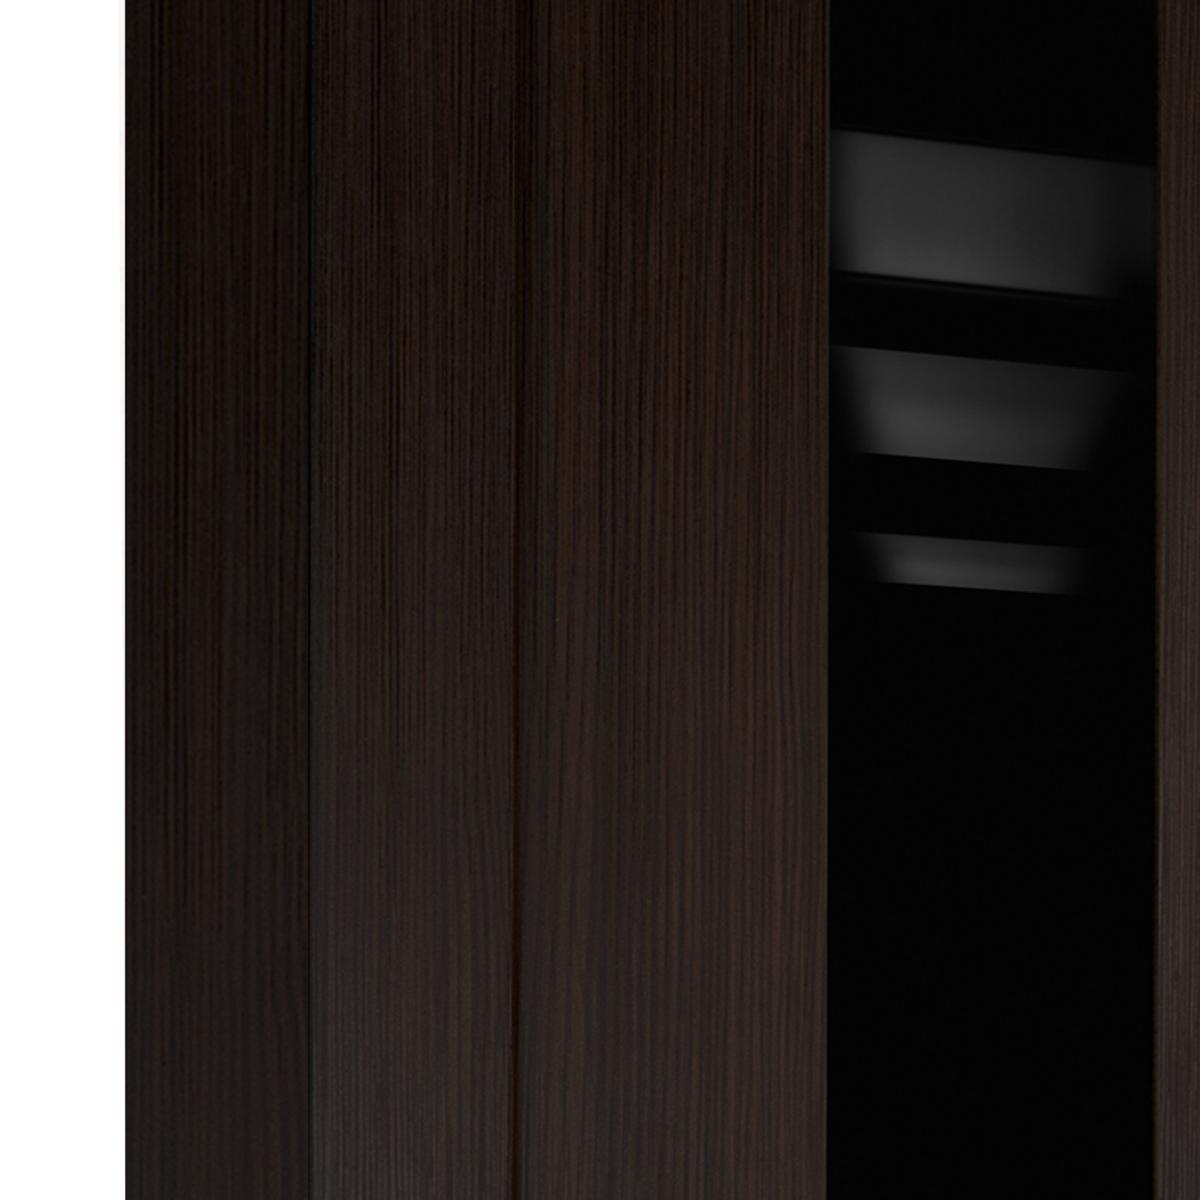 Дверь Межкомнатная Остеклённая Фортуна 70x200 Пвх Цвет Венге